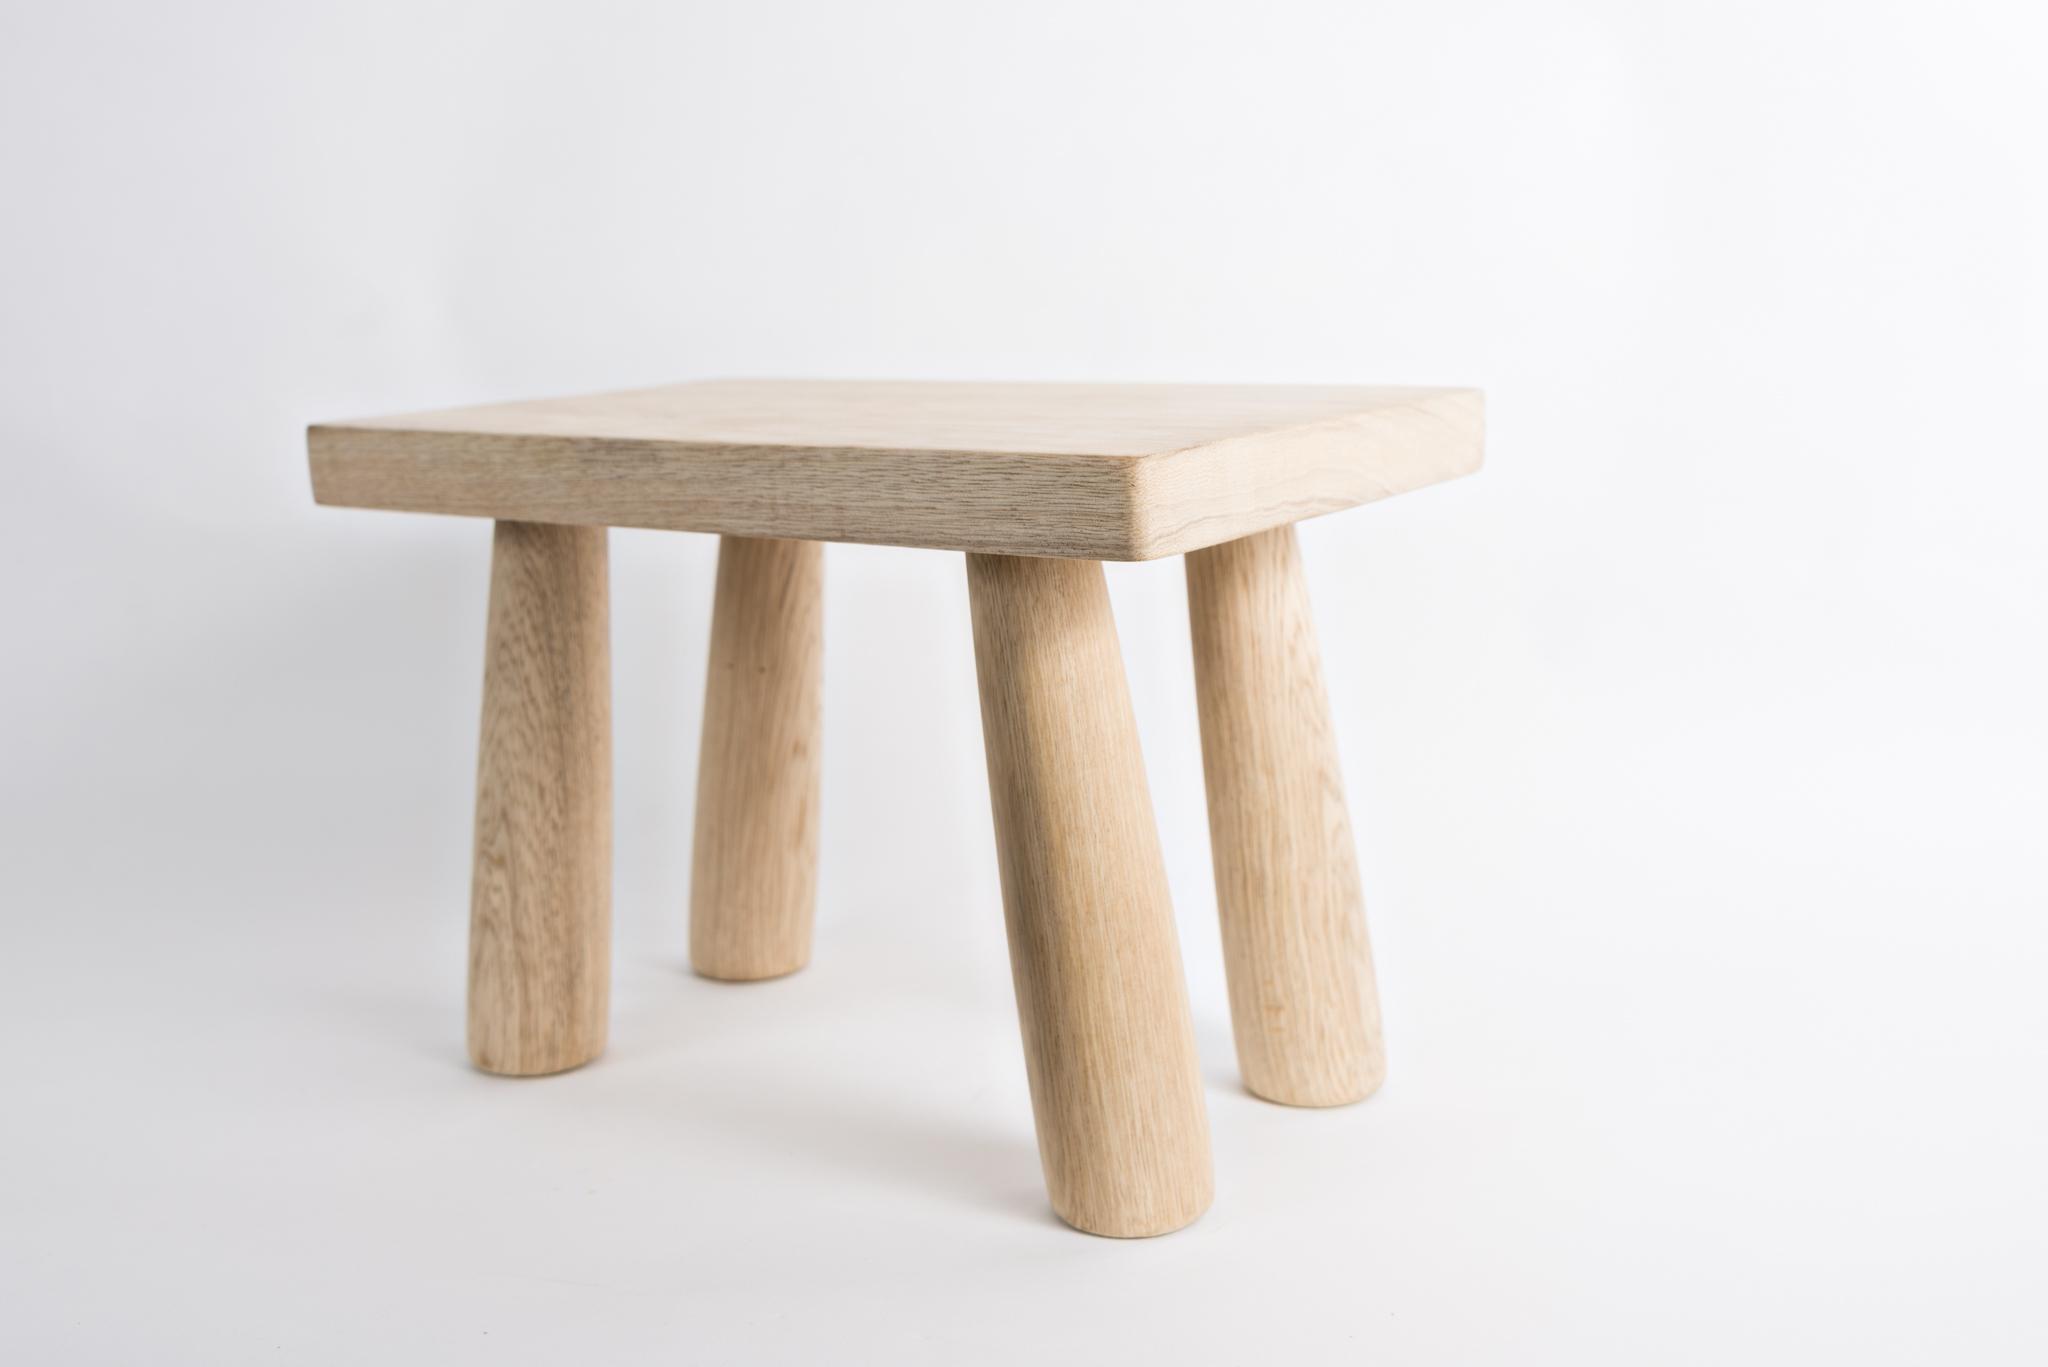 tabouret bois brut tabouret en bois brut peindre avec coeur achat vente tabouret bois brut. Black Bedroom Furniture Sets. Home Design Ideas